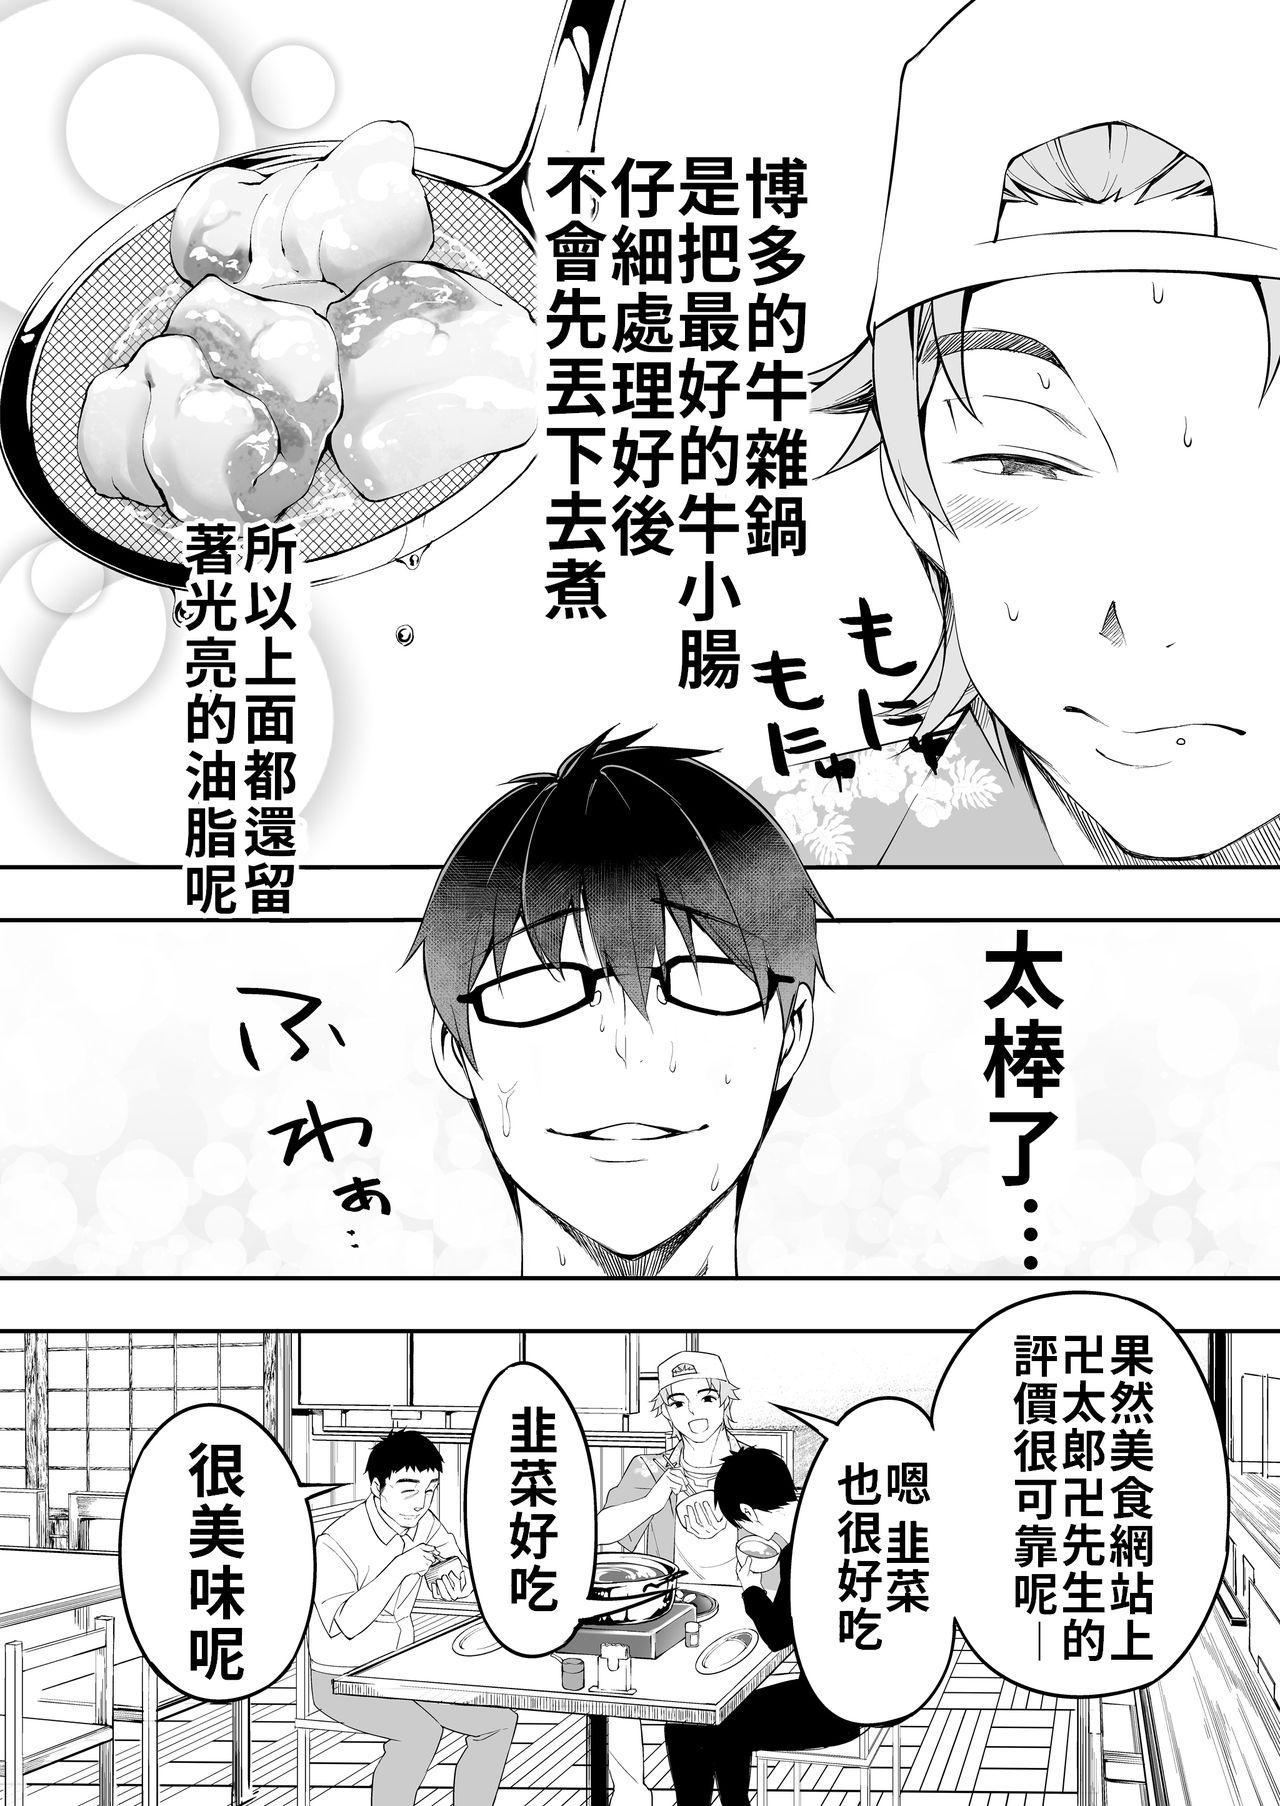 Panpan Travelers Hakata Shuudan Rape Ryokou | 吃飯兼炒飯TRAVELERS~博多集團強●旅行 13